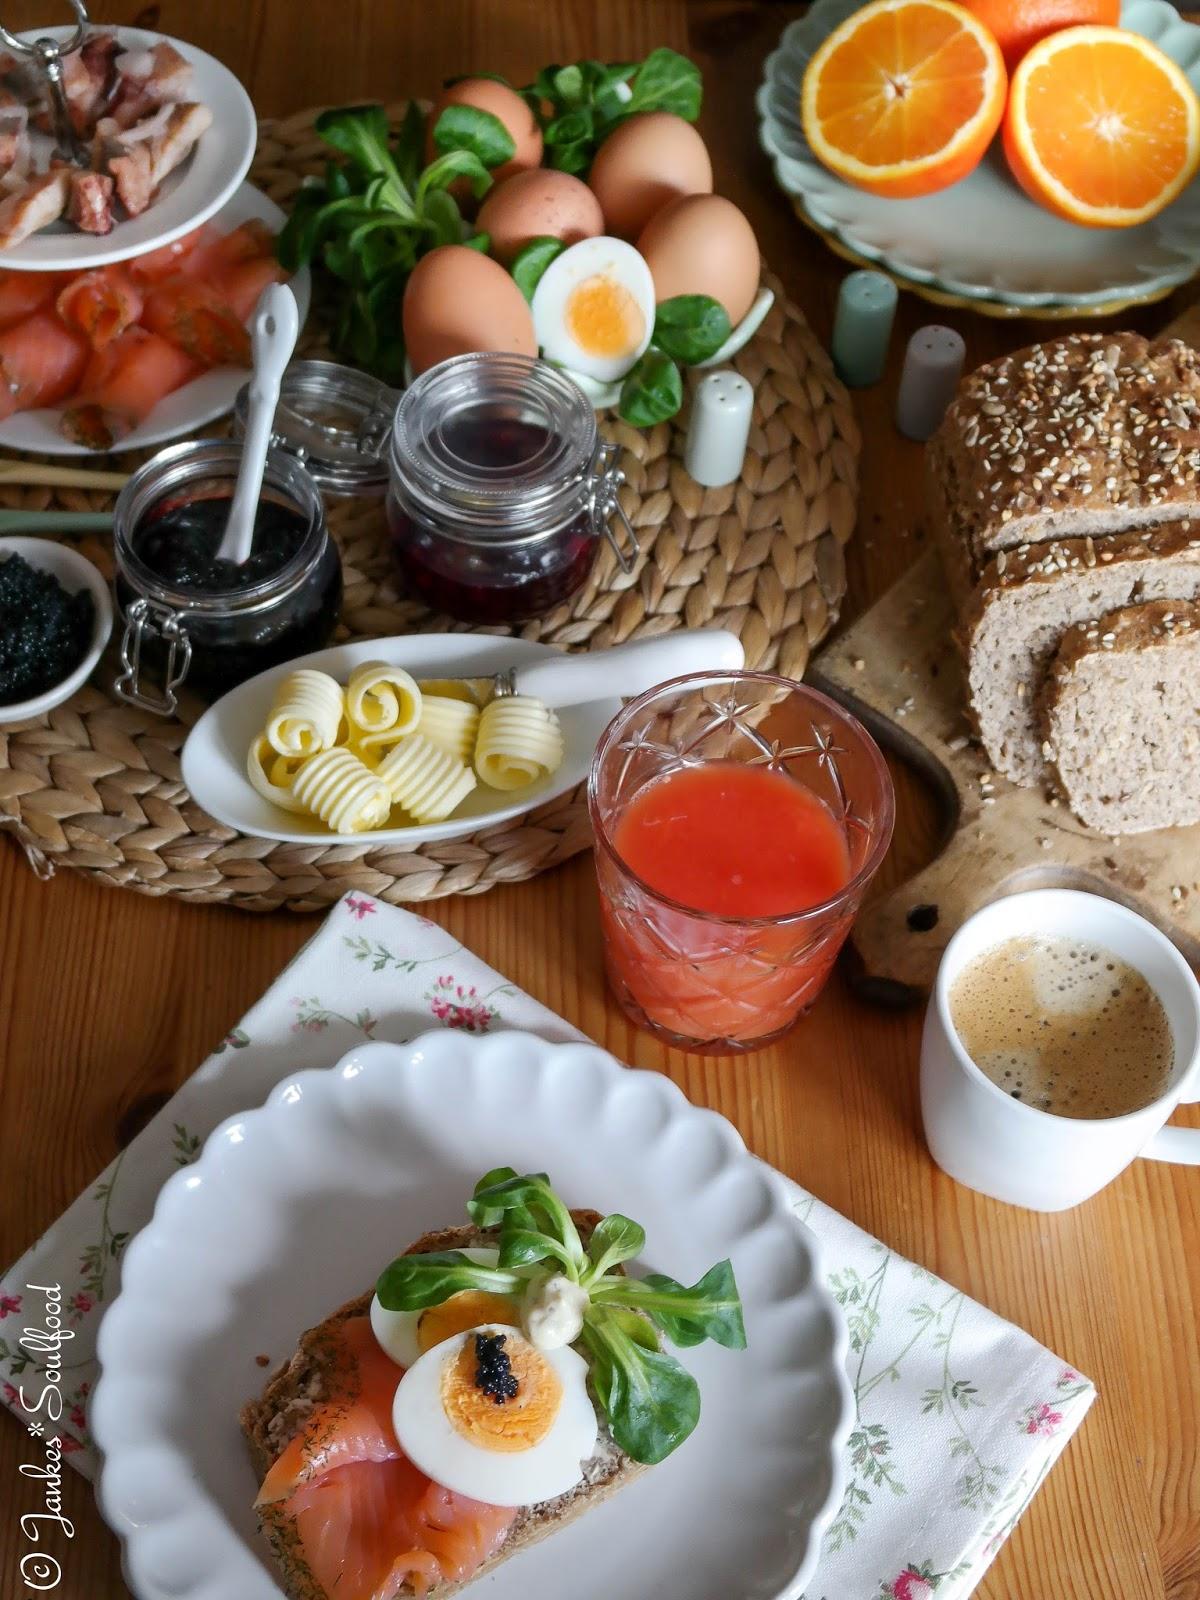 Frühstück auf Schwedisch